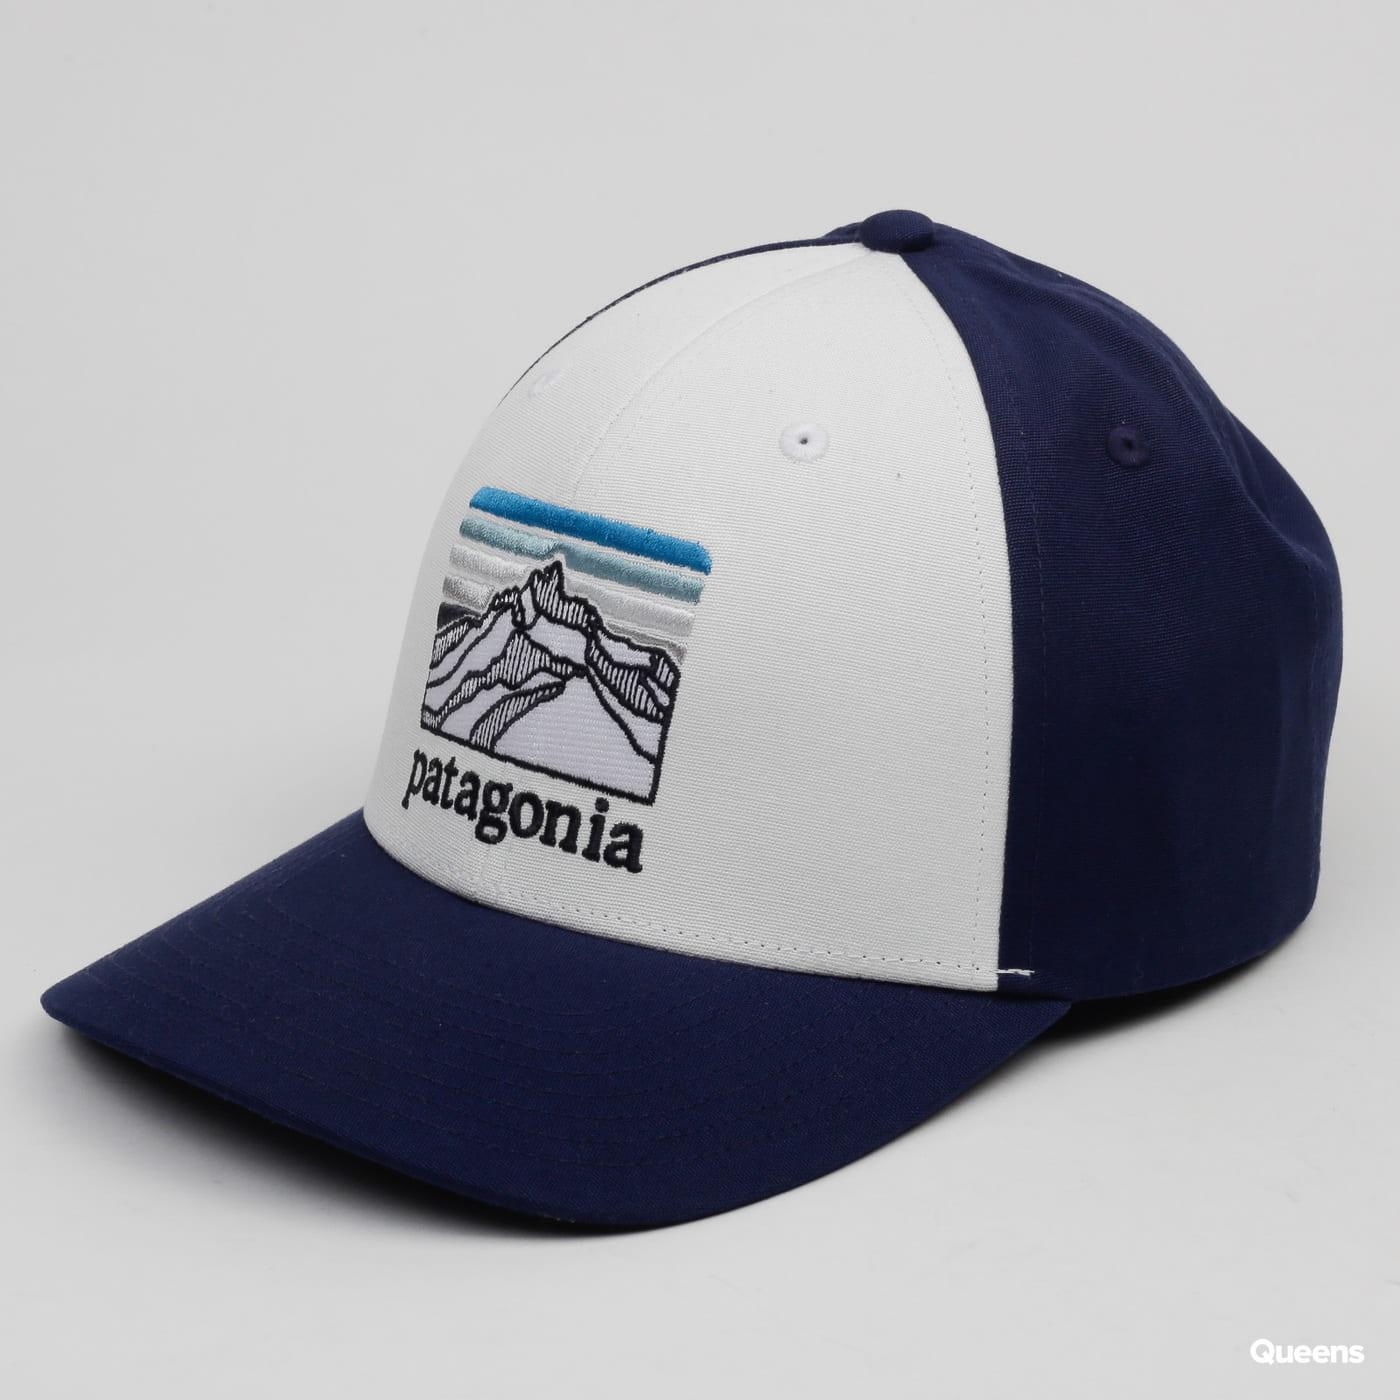 Patagonia Line Logo Ridge Roger That Hat navy / white